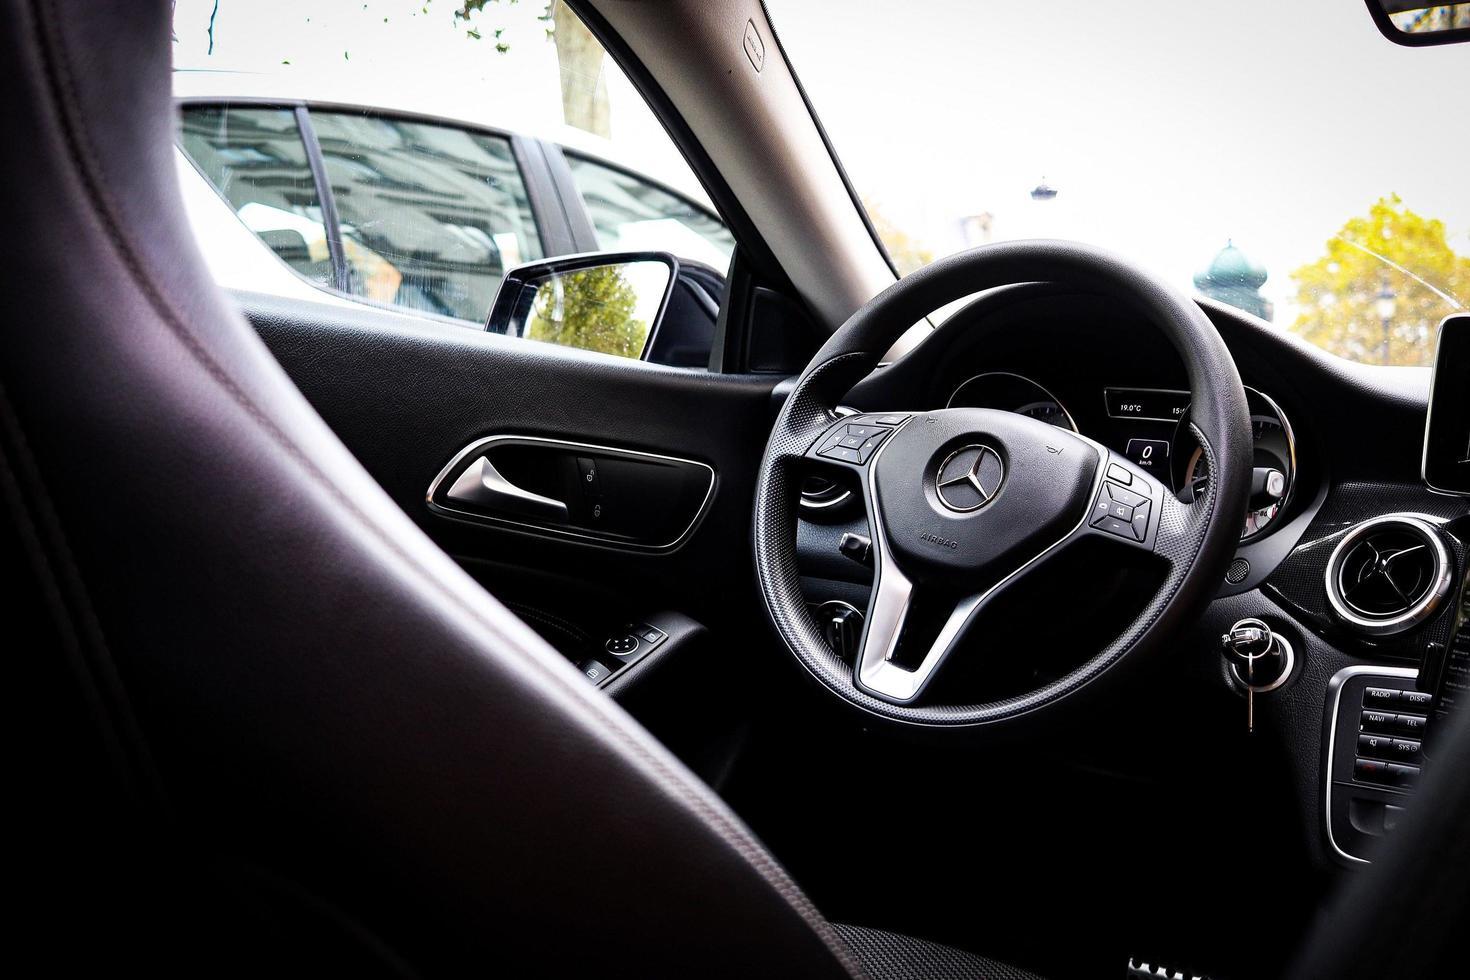 France, 2020 - à l'intérieur d'une voiture mercedes-benz photo